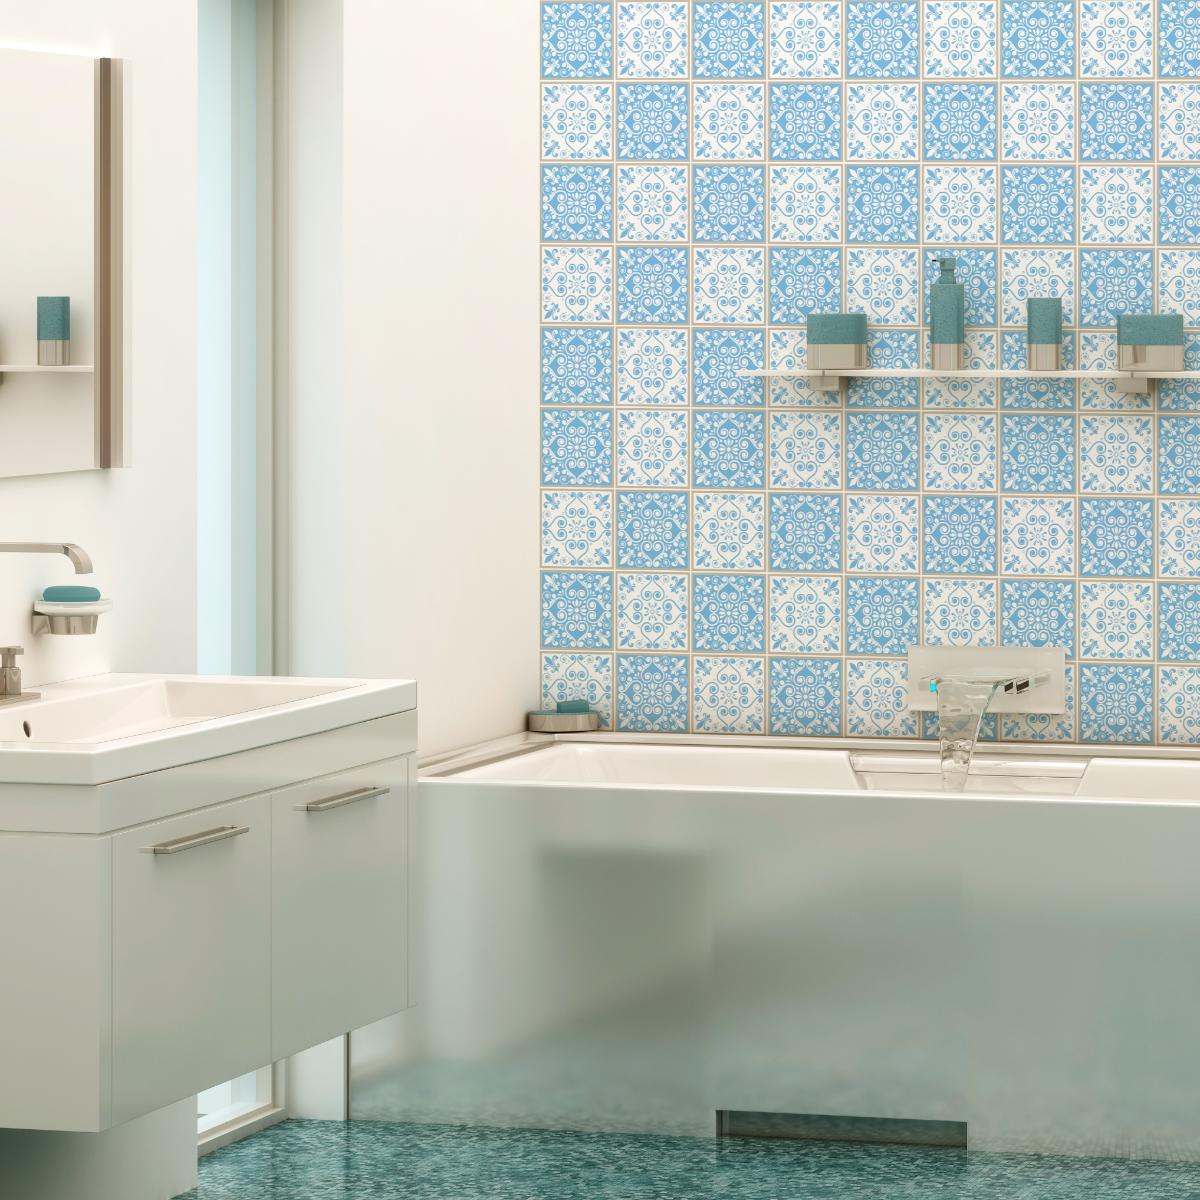 Salle De Bain Azulejos ~ 30 stickers carreaux de ciment azulejos elvira salle de bain et wc